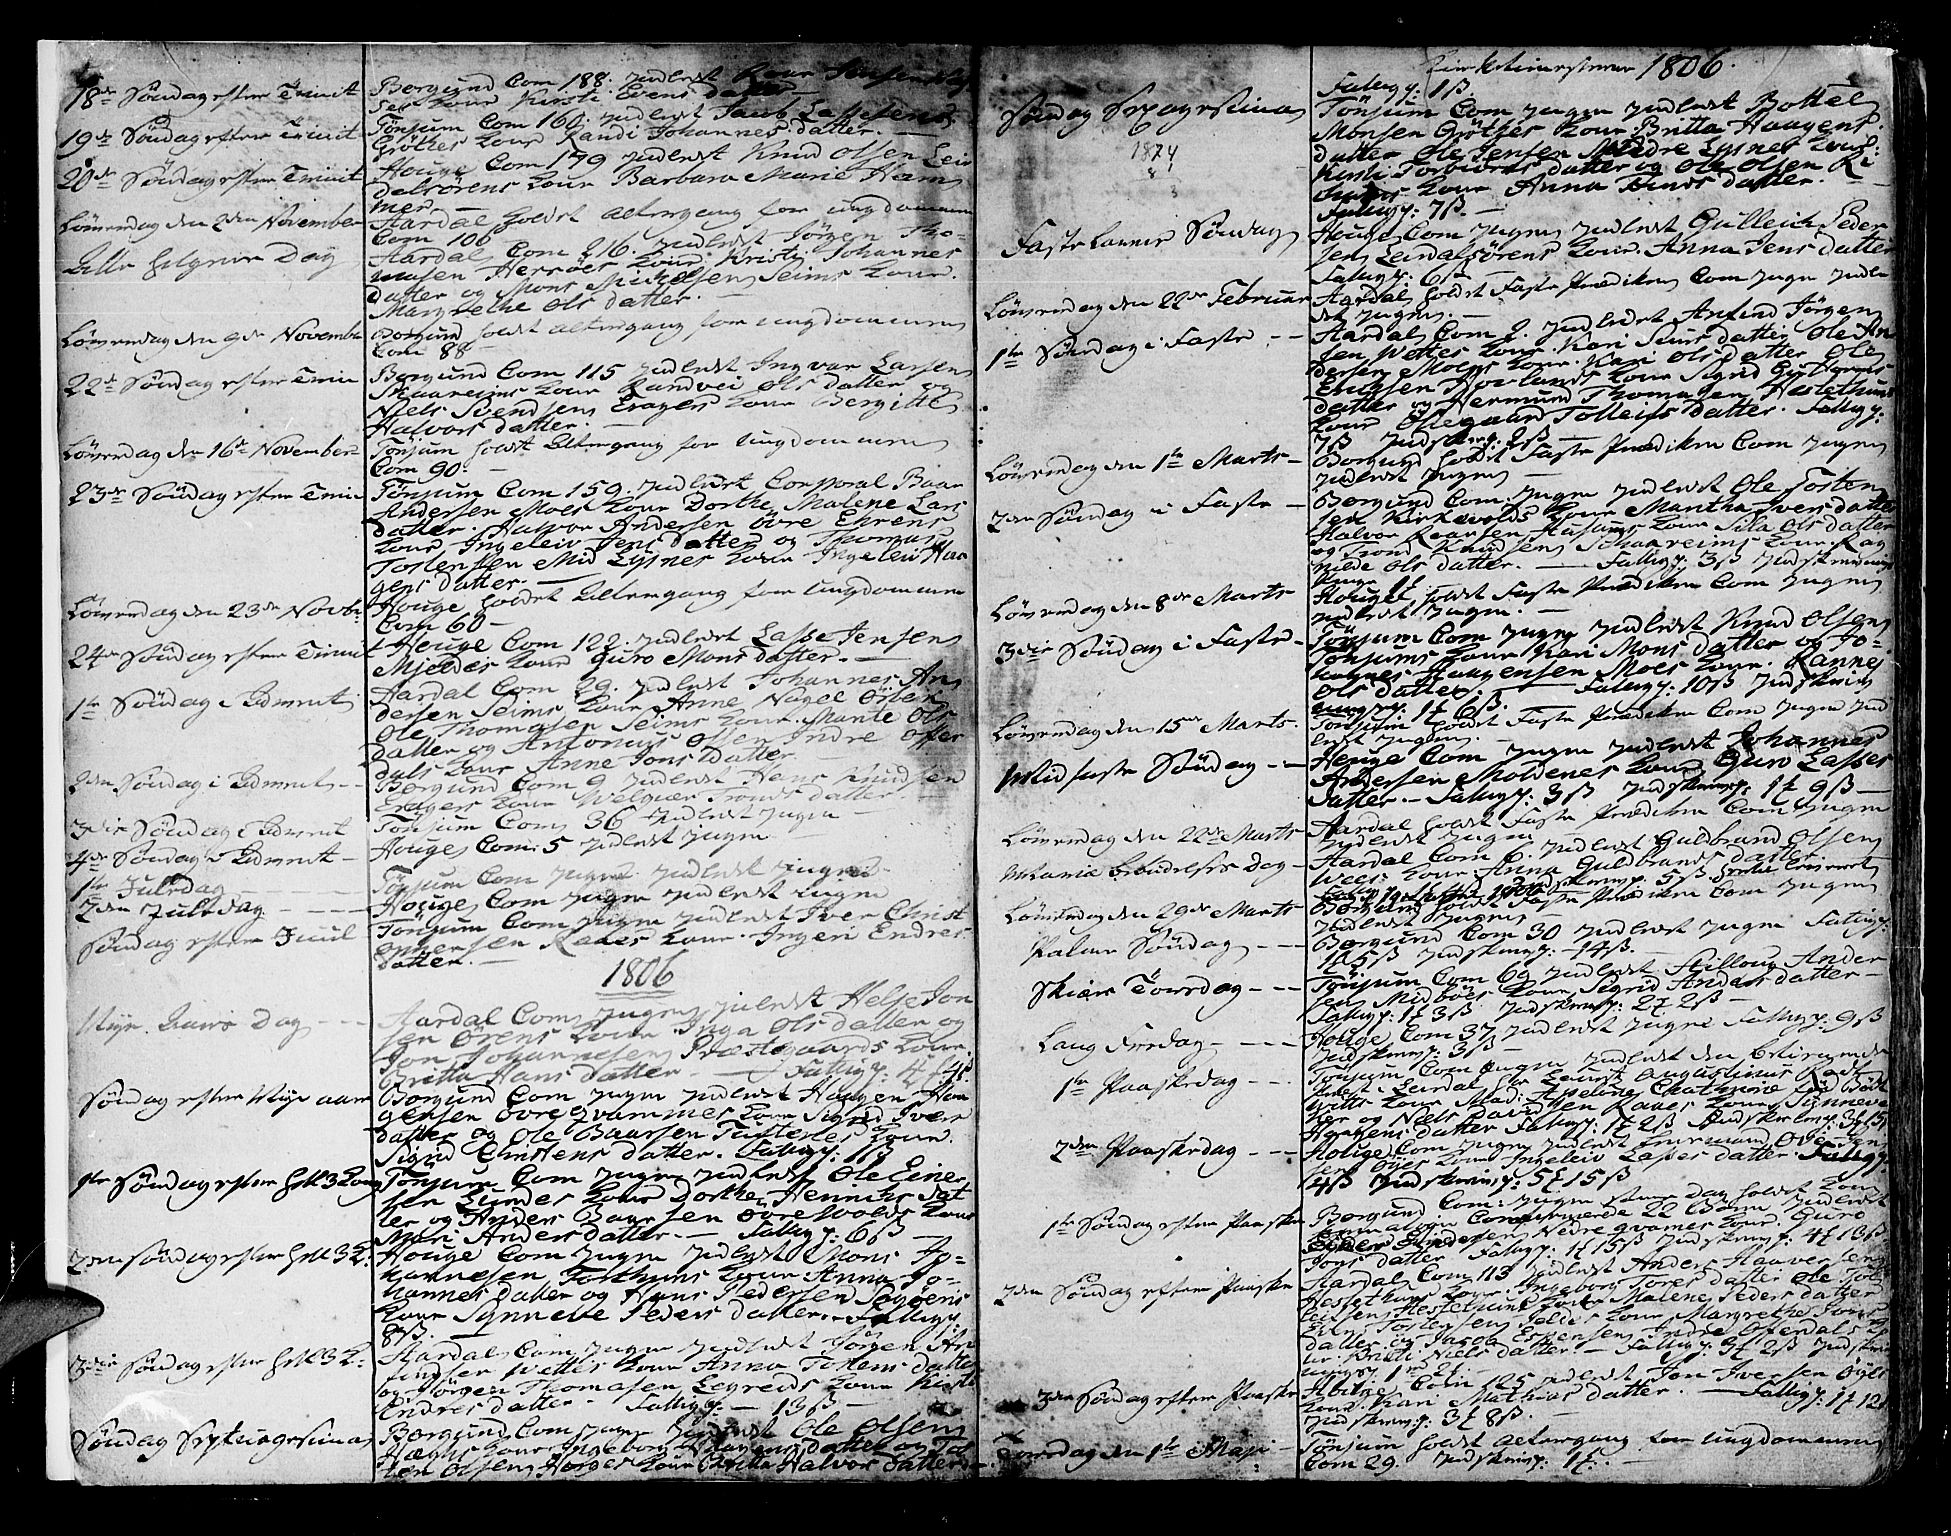 SAB, Lærdal sokneprestembete, Ministerialbok nr. A 4, 1805-1821, s. 4-5